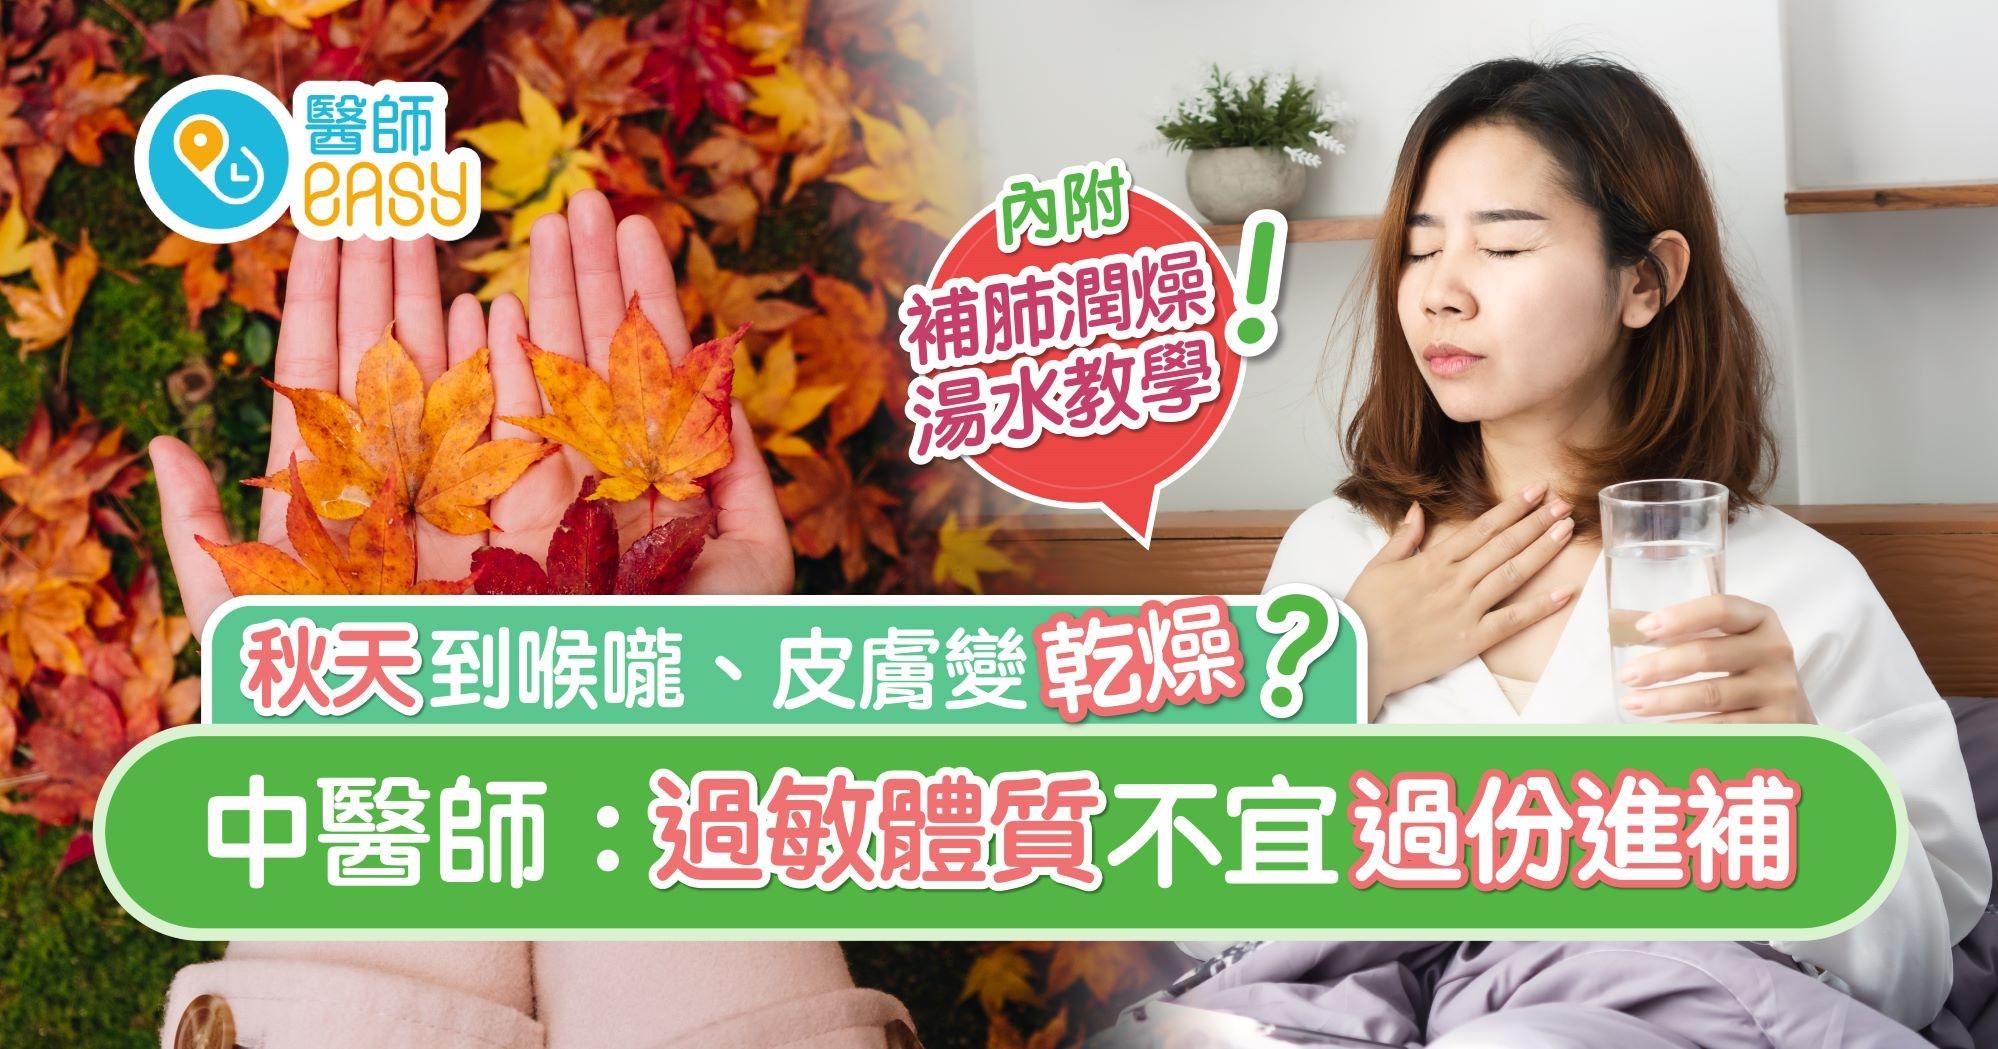 白露|秋意漸濃肌膚易敏感乾燥 白色食物補肺潤燥非人人適合